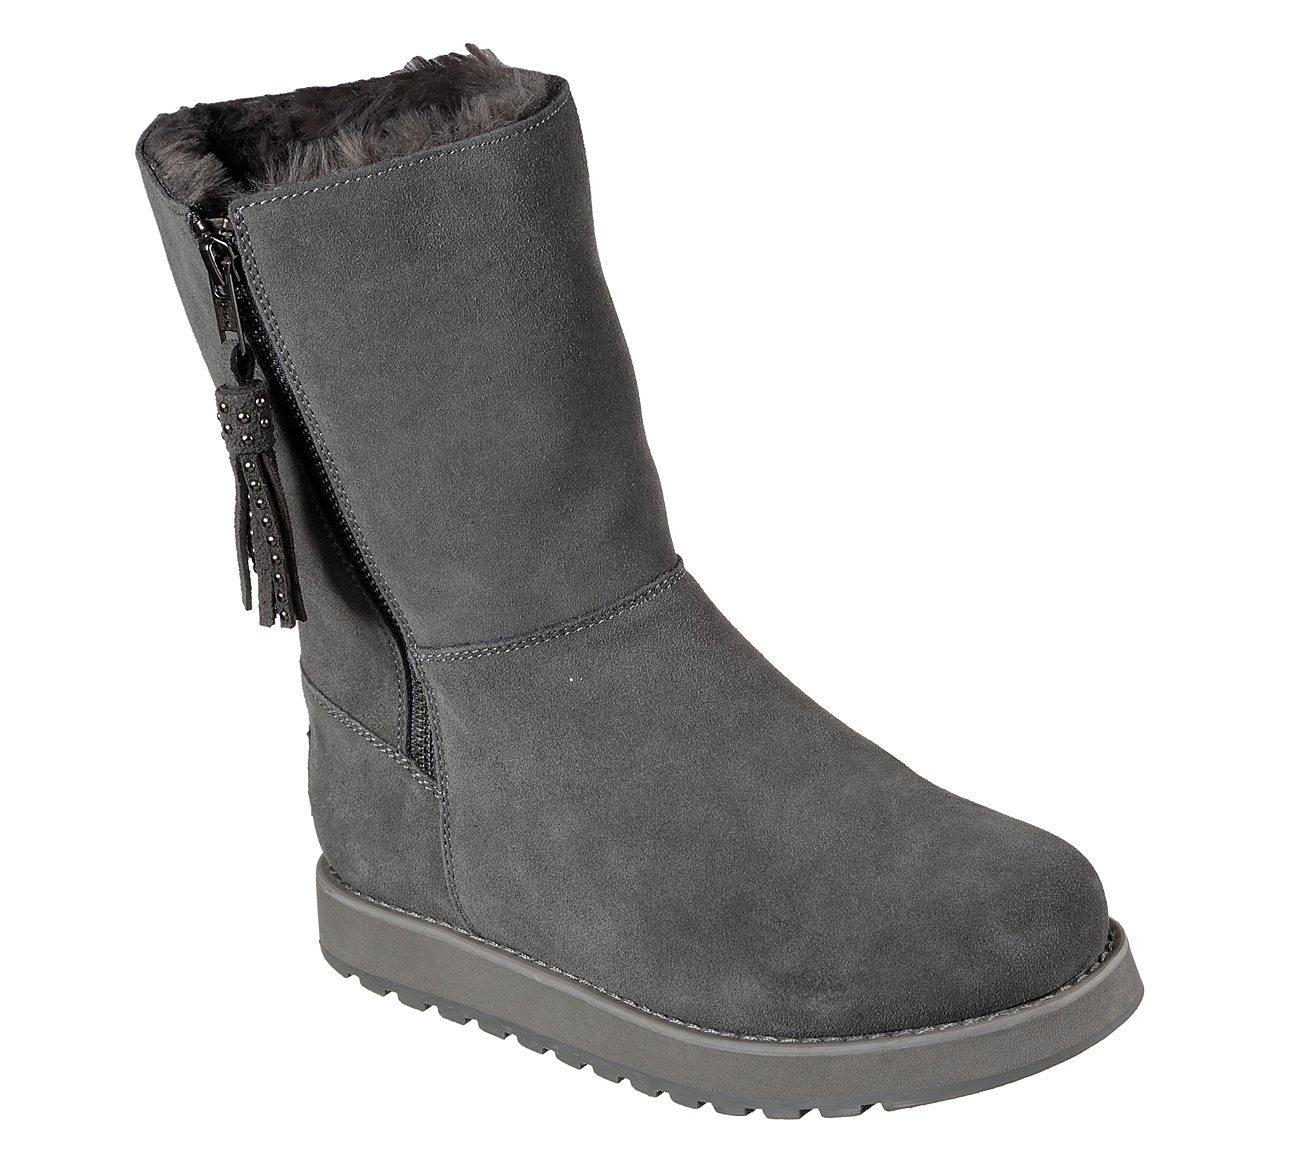 2d36914c7418 Buy SKECHERS Keepsakes - Fuzzy Feelings SKECHERS USA Shoes only £64.00